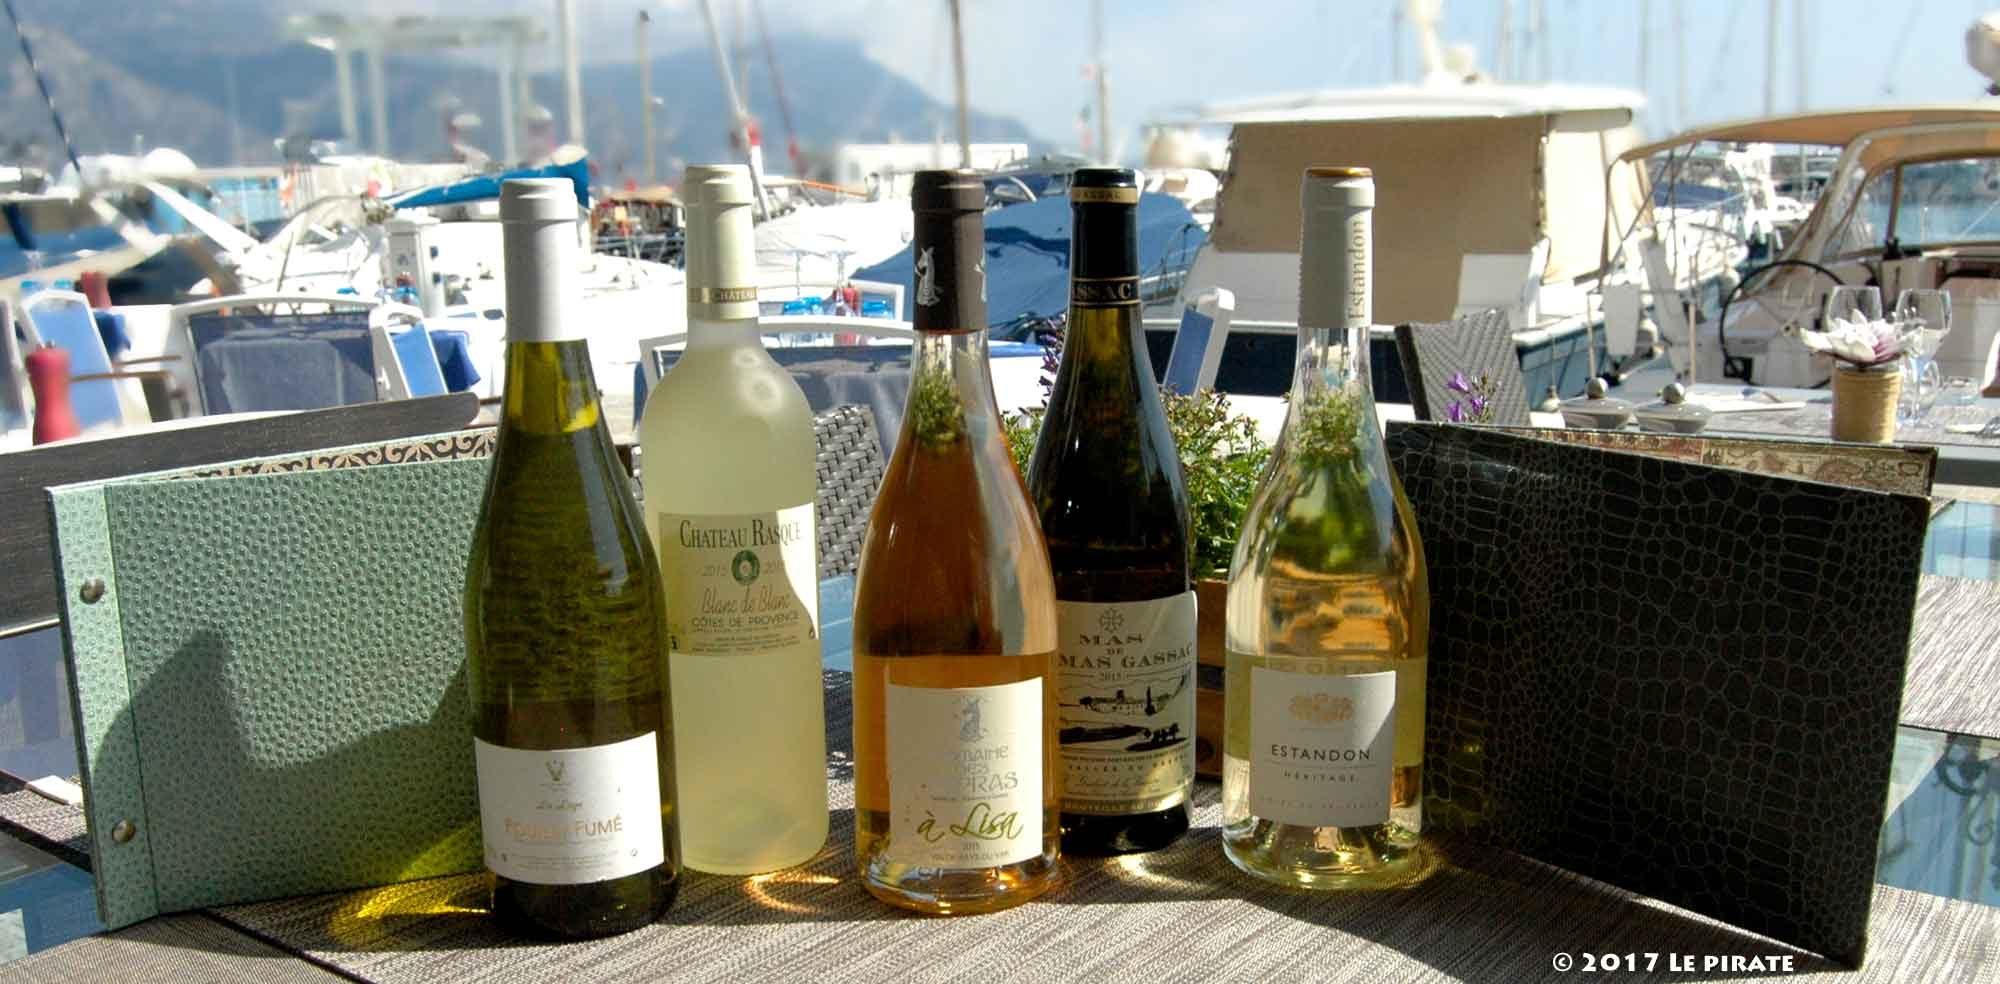 Les vins du Pirate